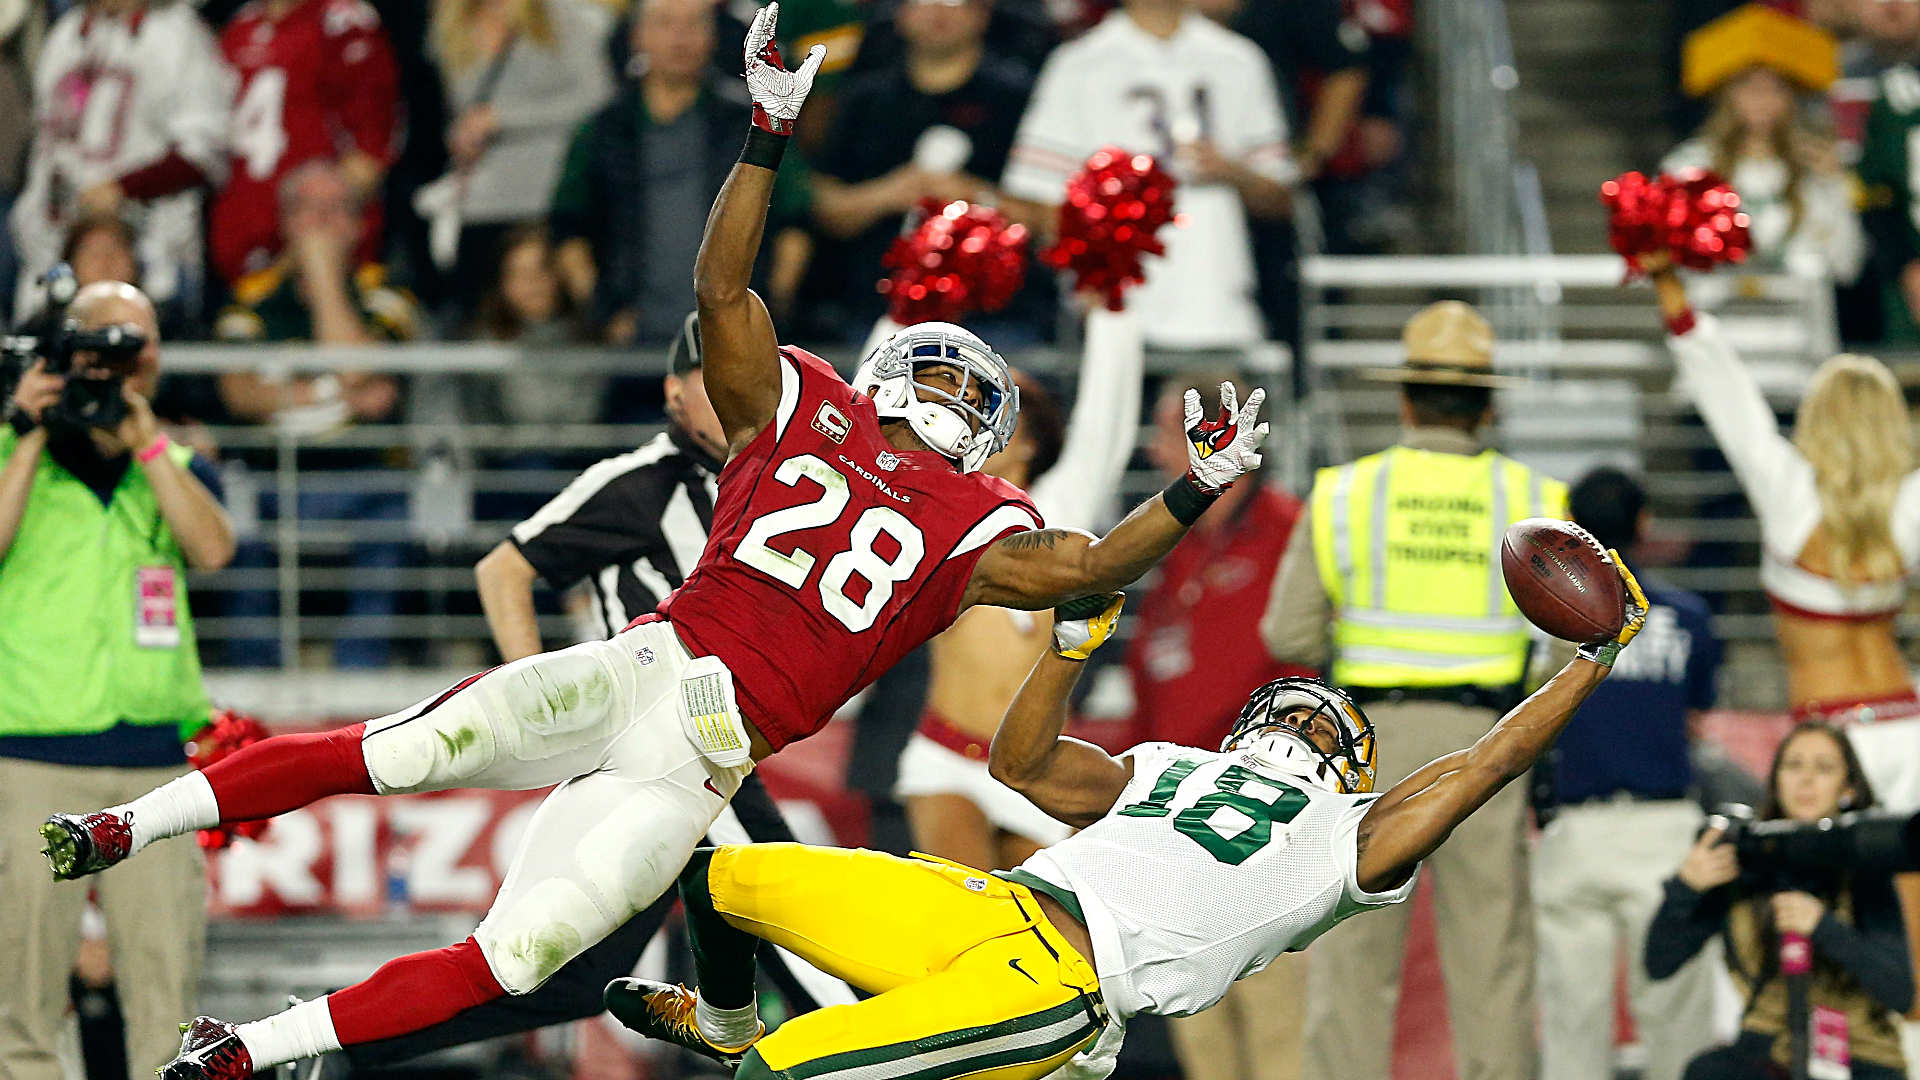 Packers lose Randall Cobb, Micah Hyde, trail Cardinals at